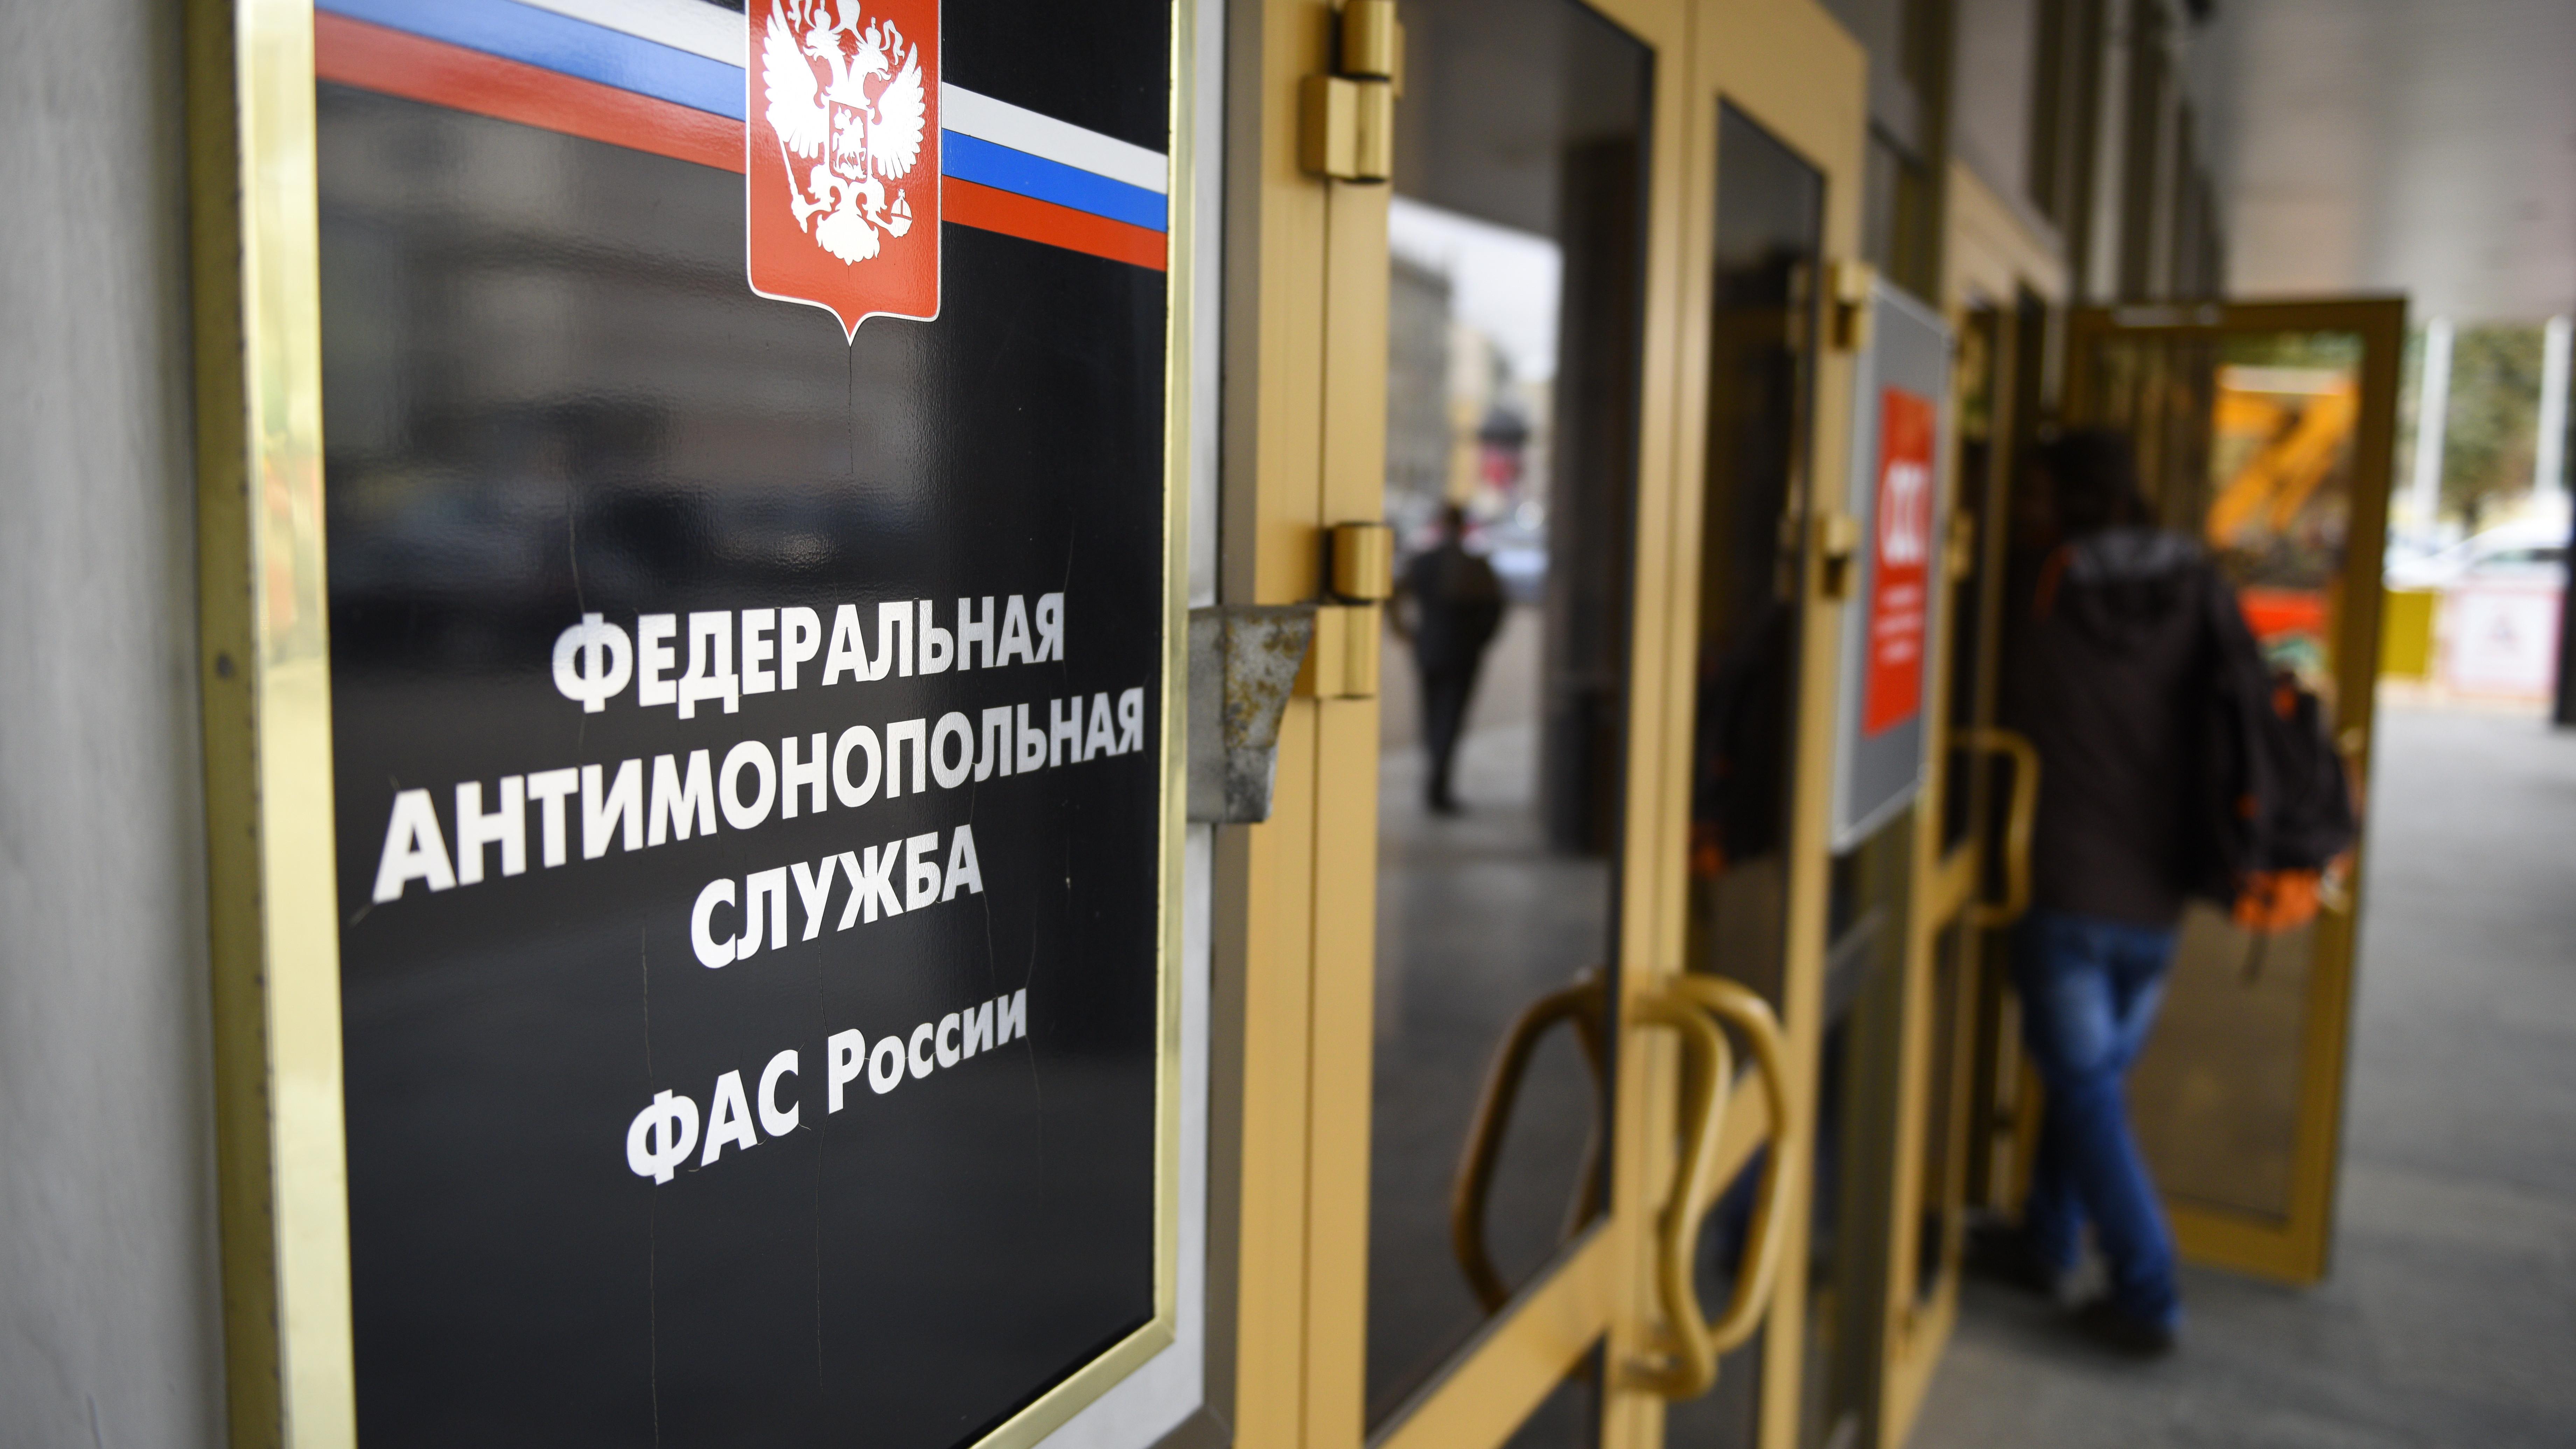 Подмосковное УФАС оштрафовало ООО «ГорТранс» за участие в картельном сговоре